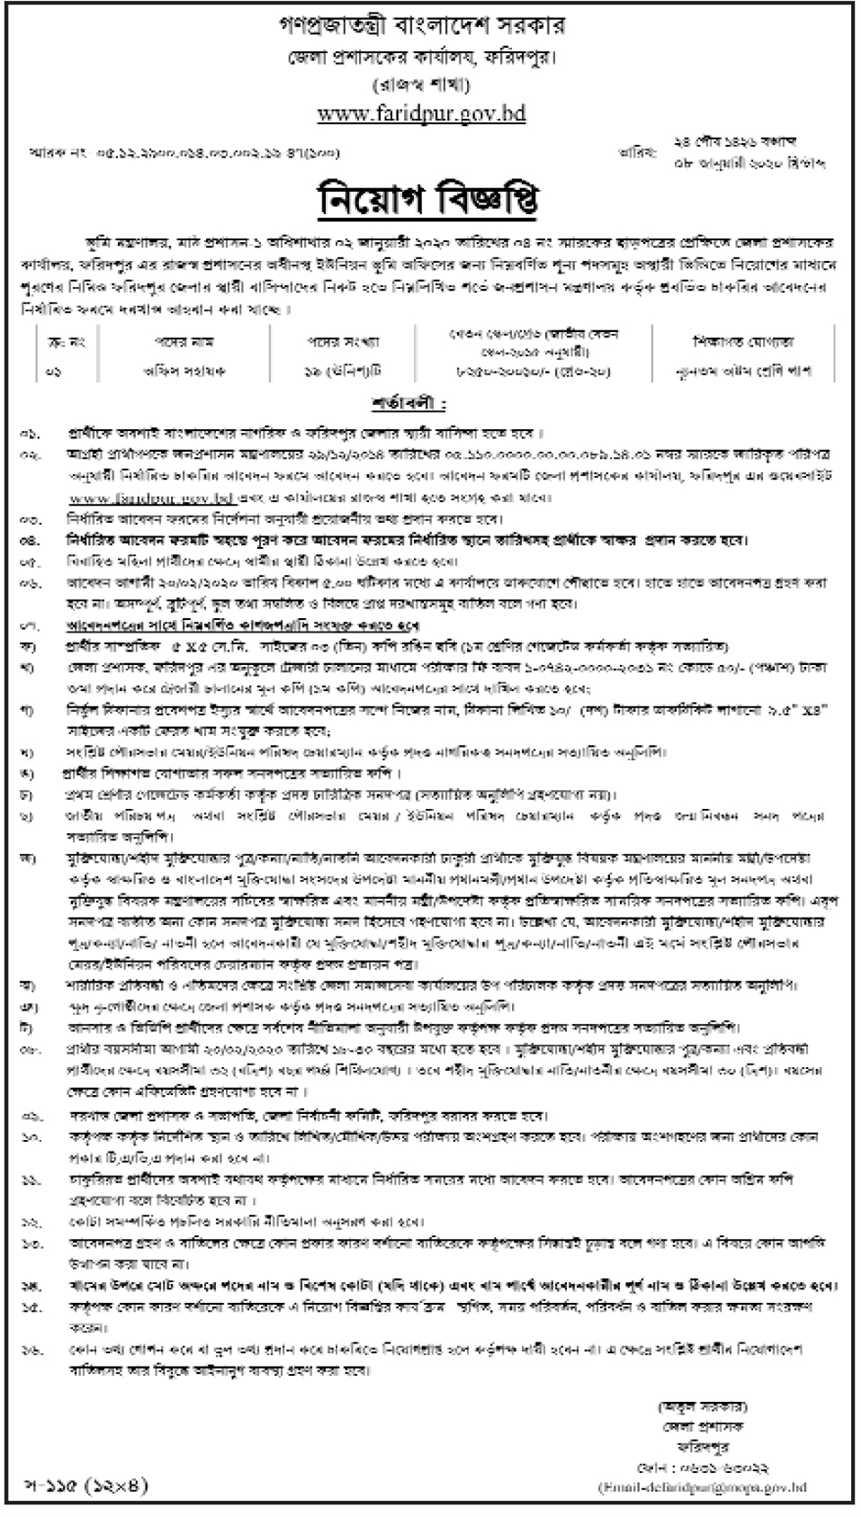 ফরিদপুর জেলা প্রশাসকের কার্যালয়ে নিয়োগ বিজ্ঞপ্তি  Faridpur DC office job Circular 2020